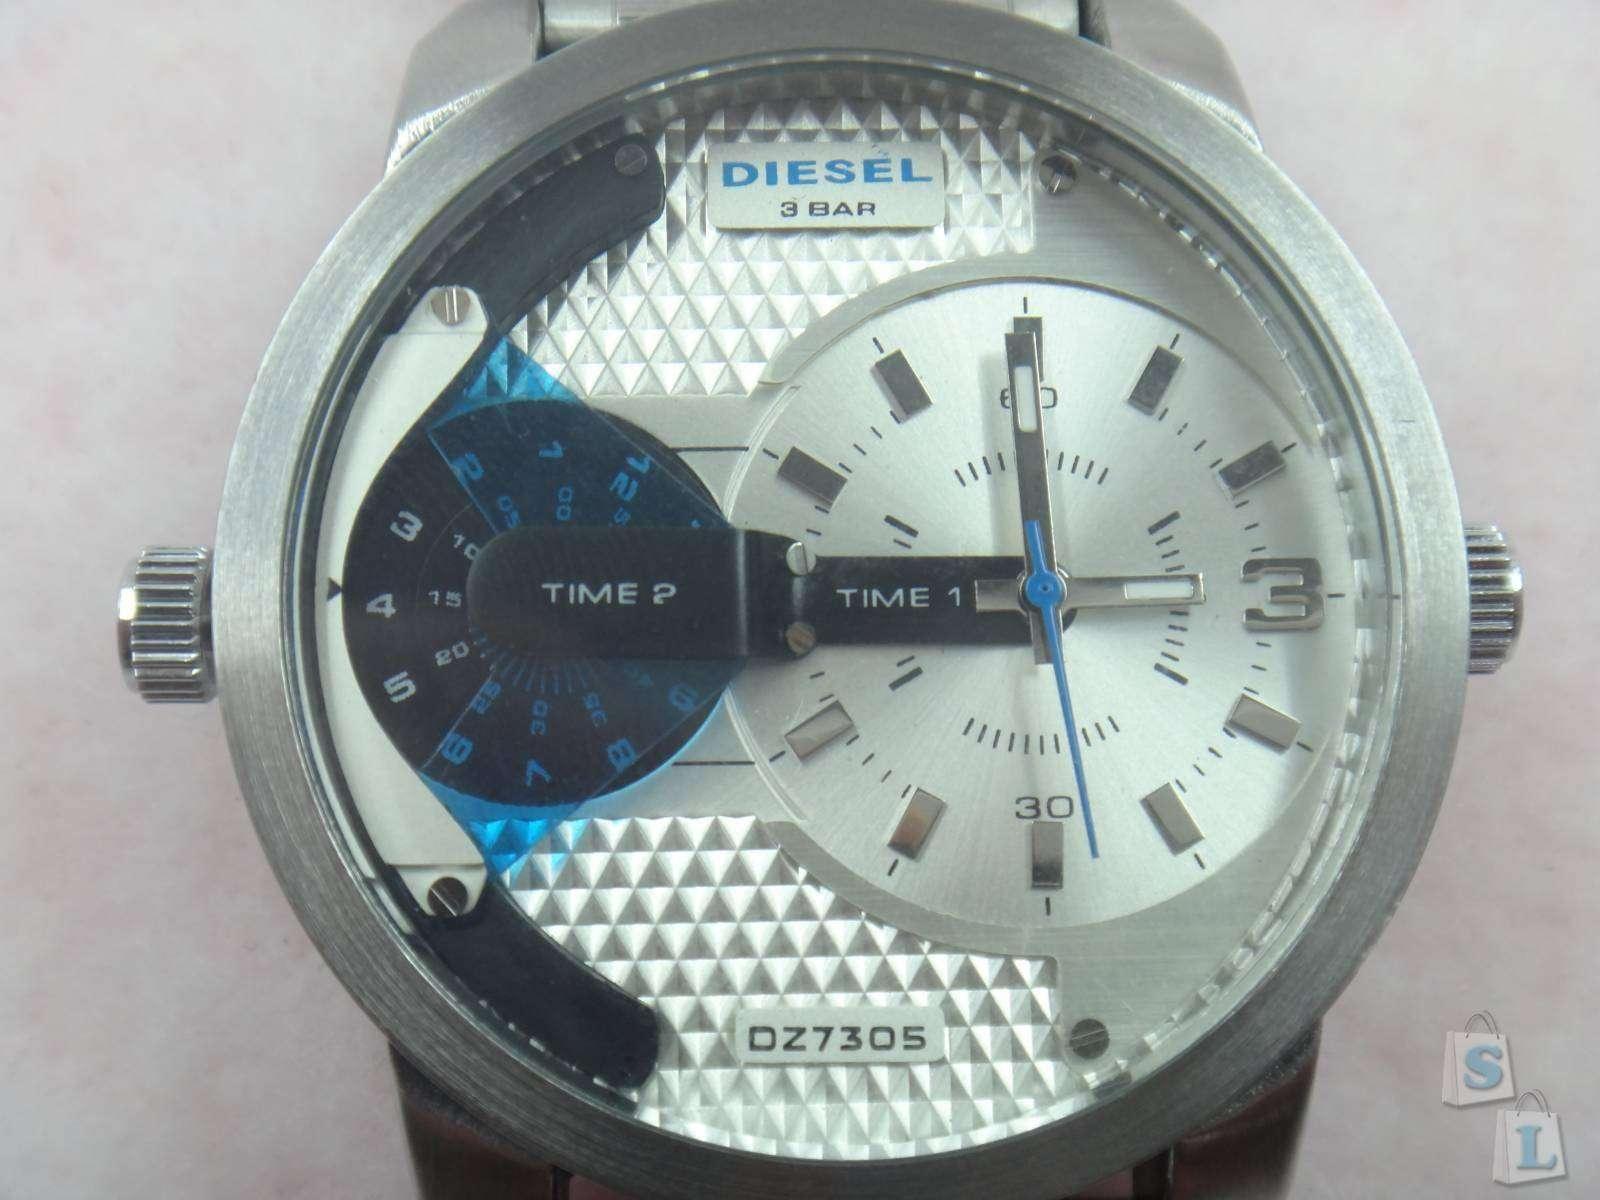 Качественная реплика (копия) Diesel DZ7308 мужские часы с двумя циферблатами